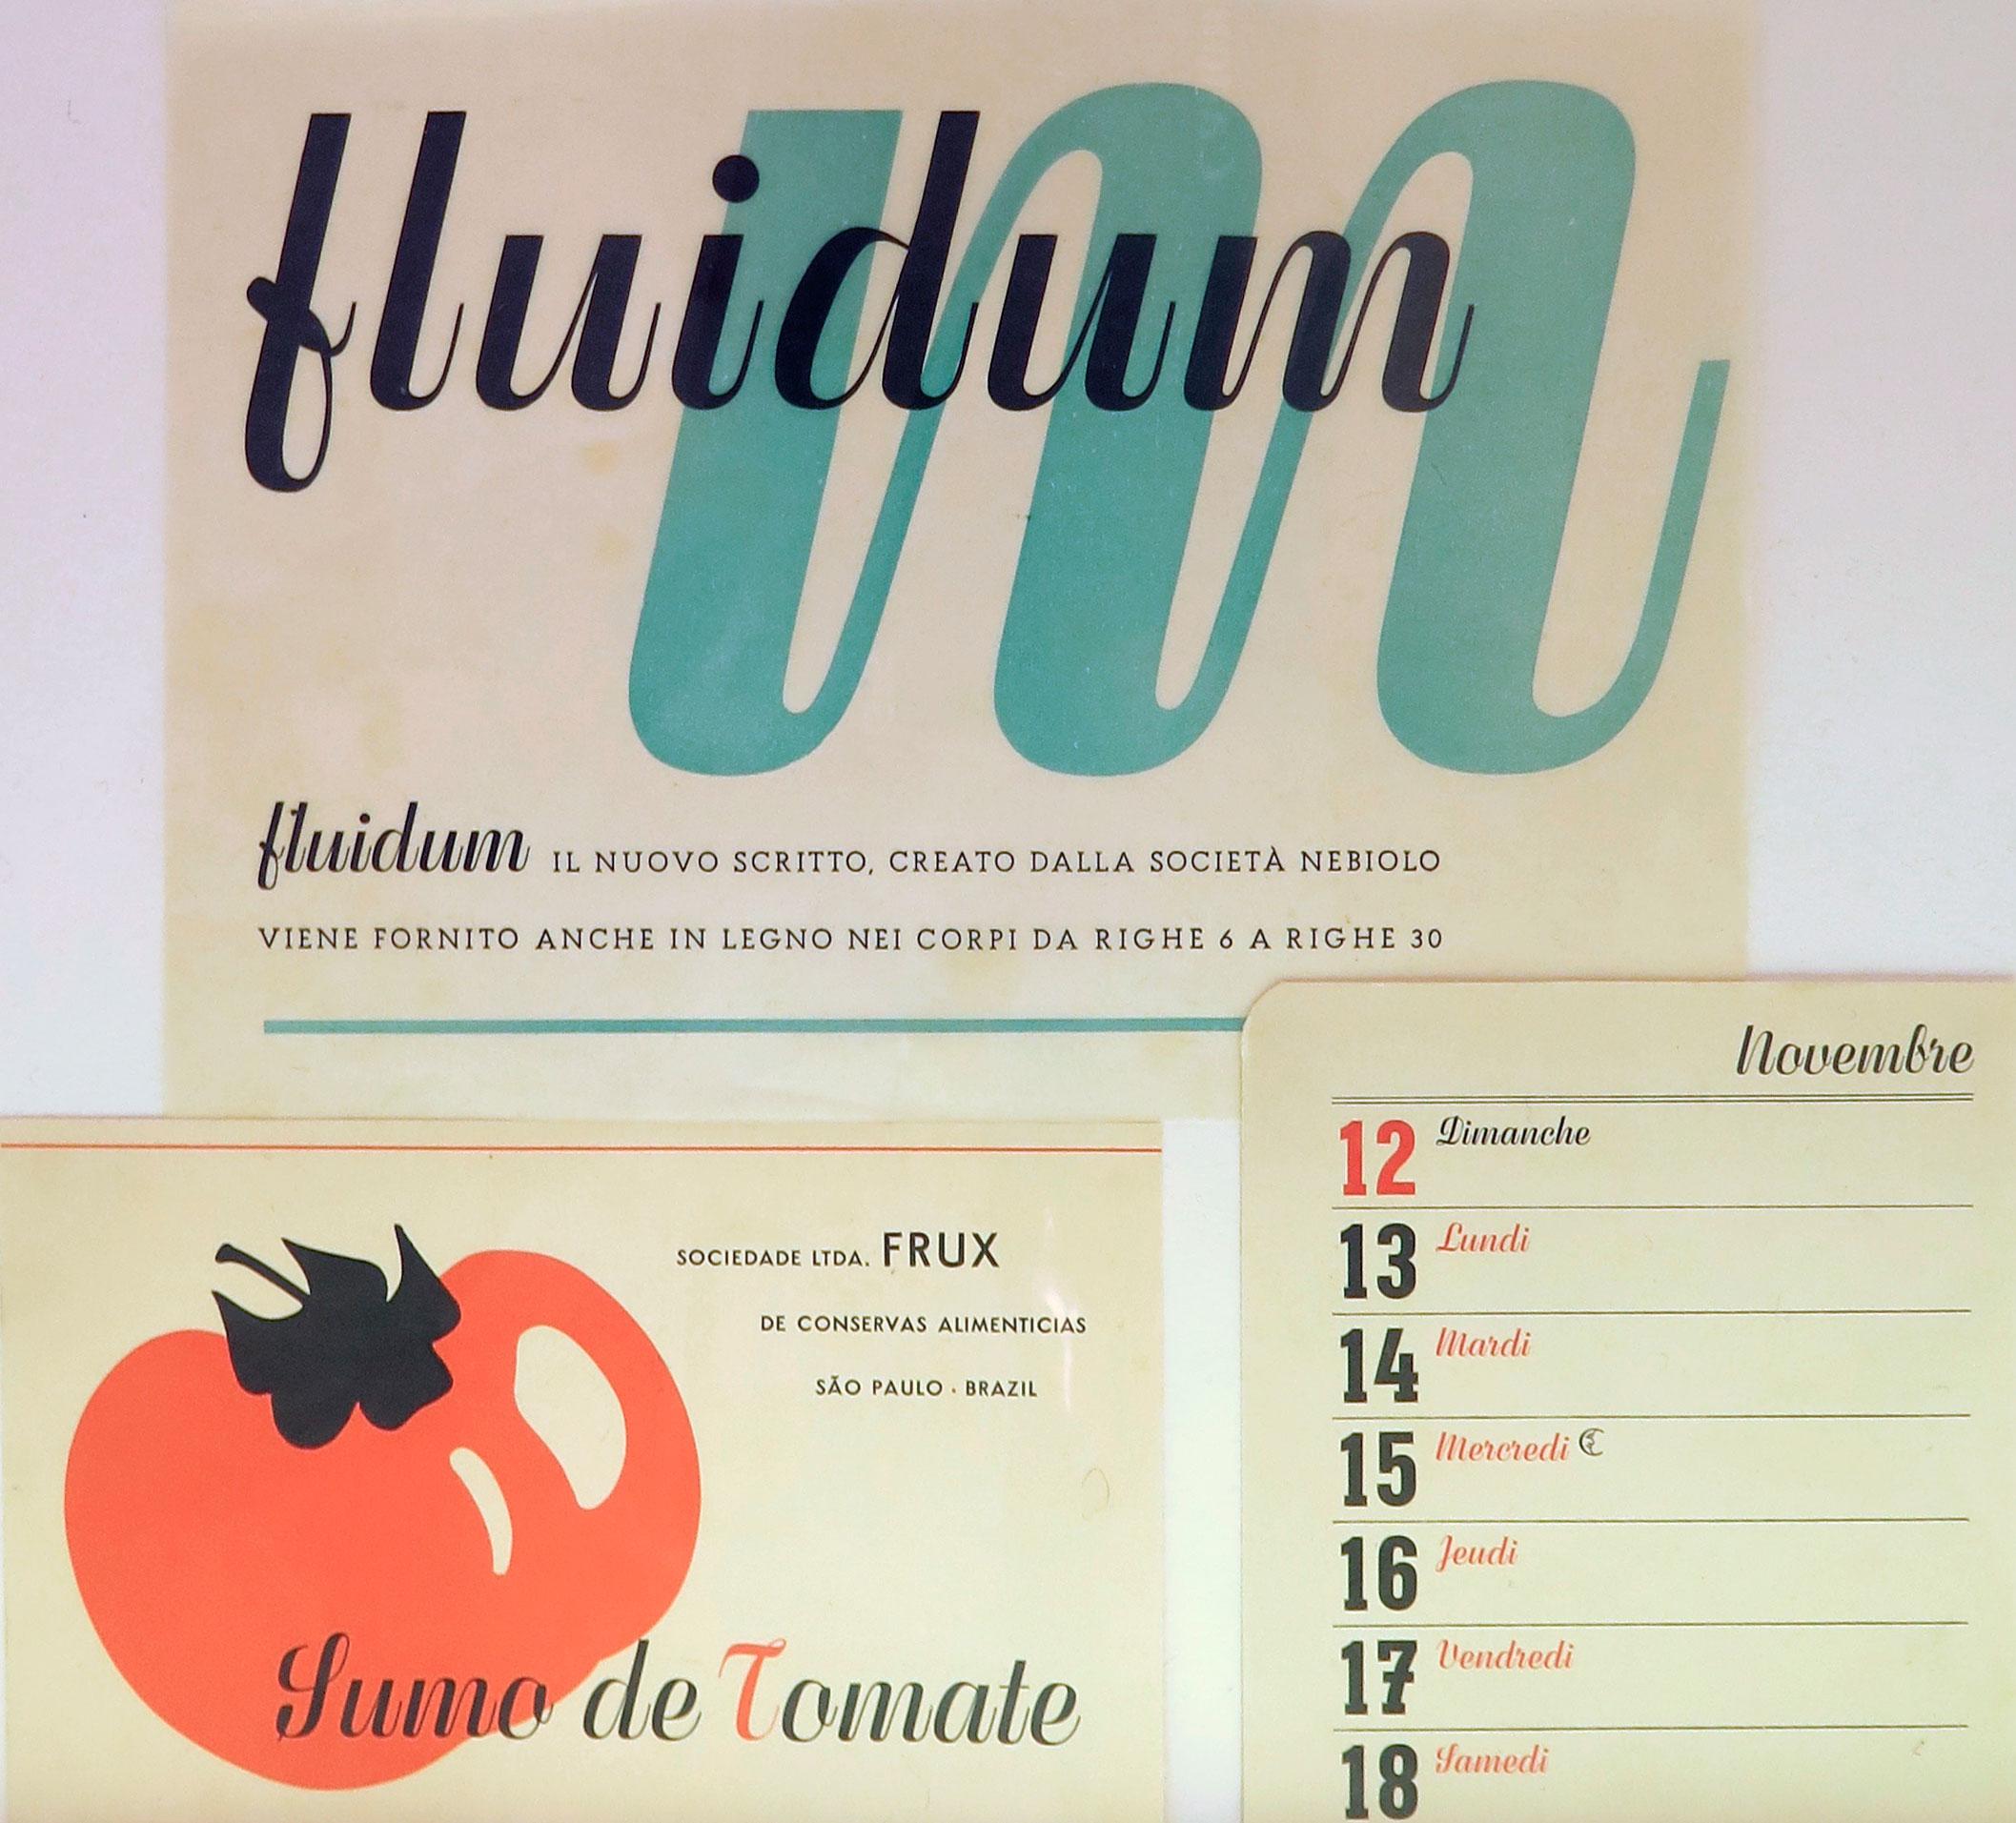 Aldo-Novarese-Nebiolo-Fluidum-1951